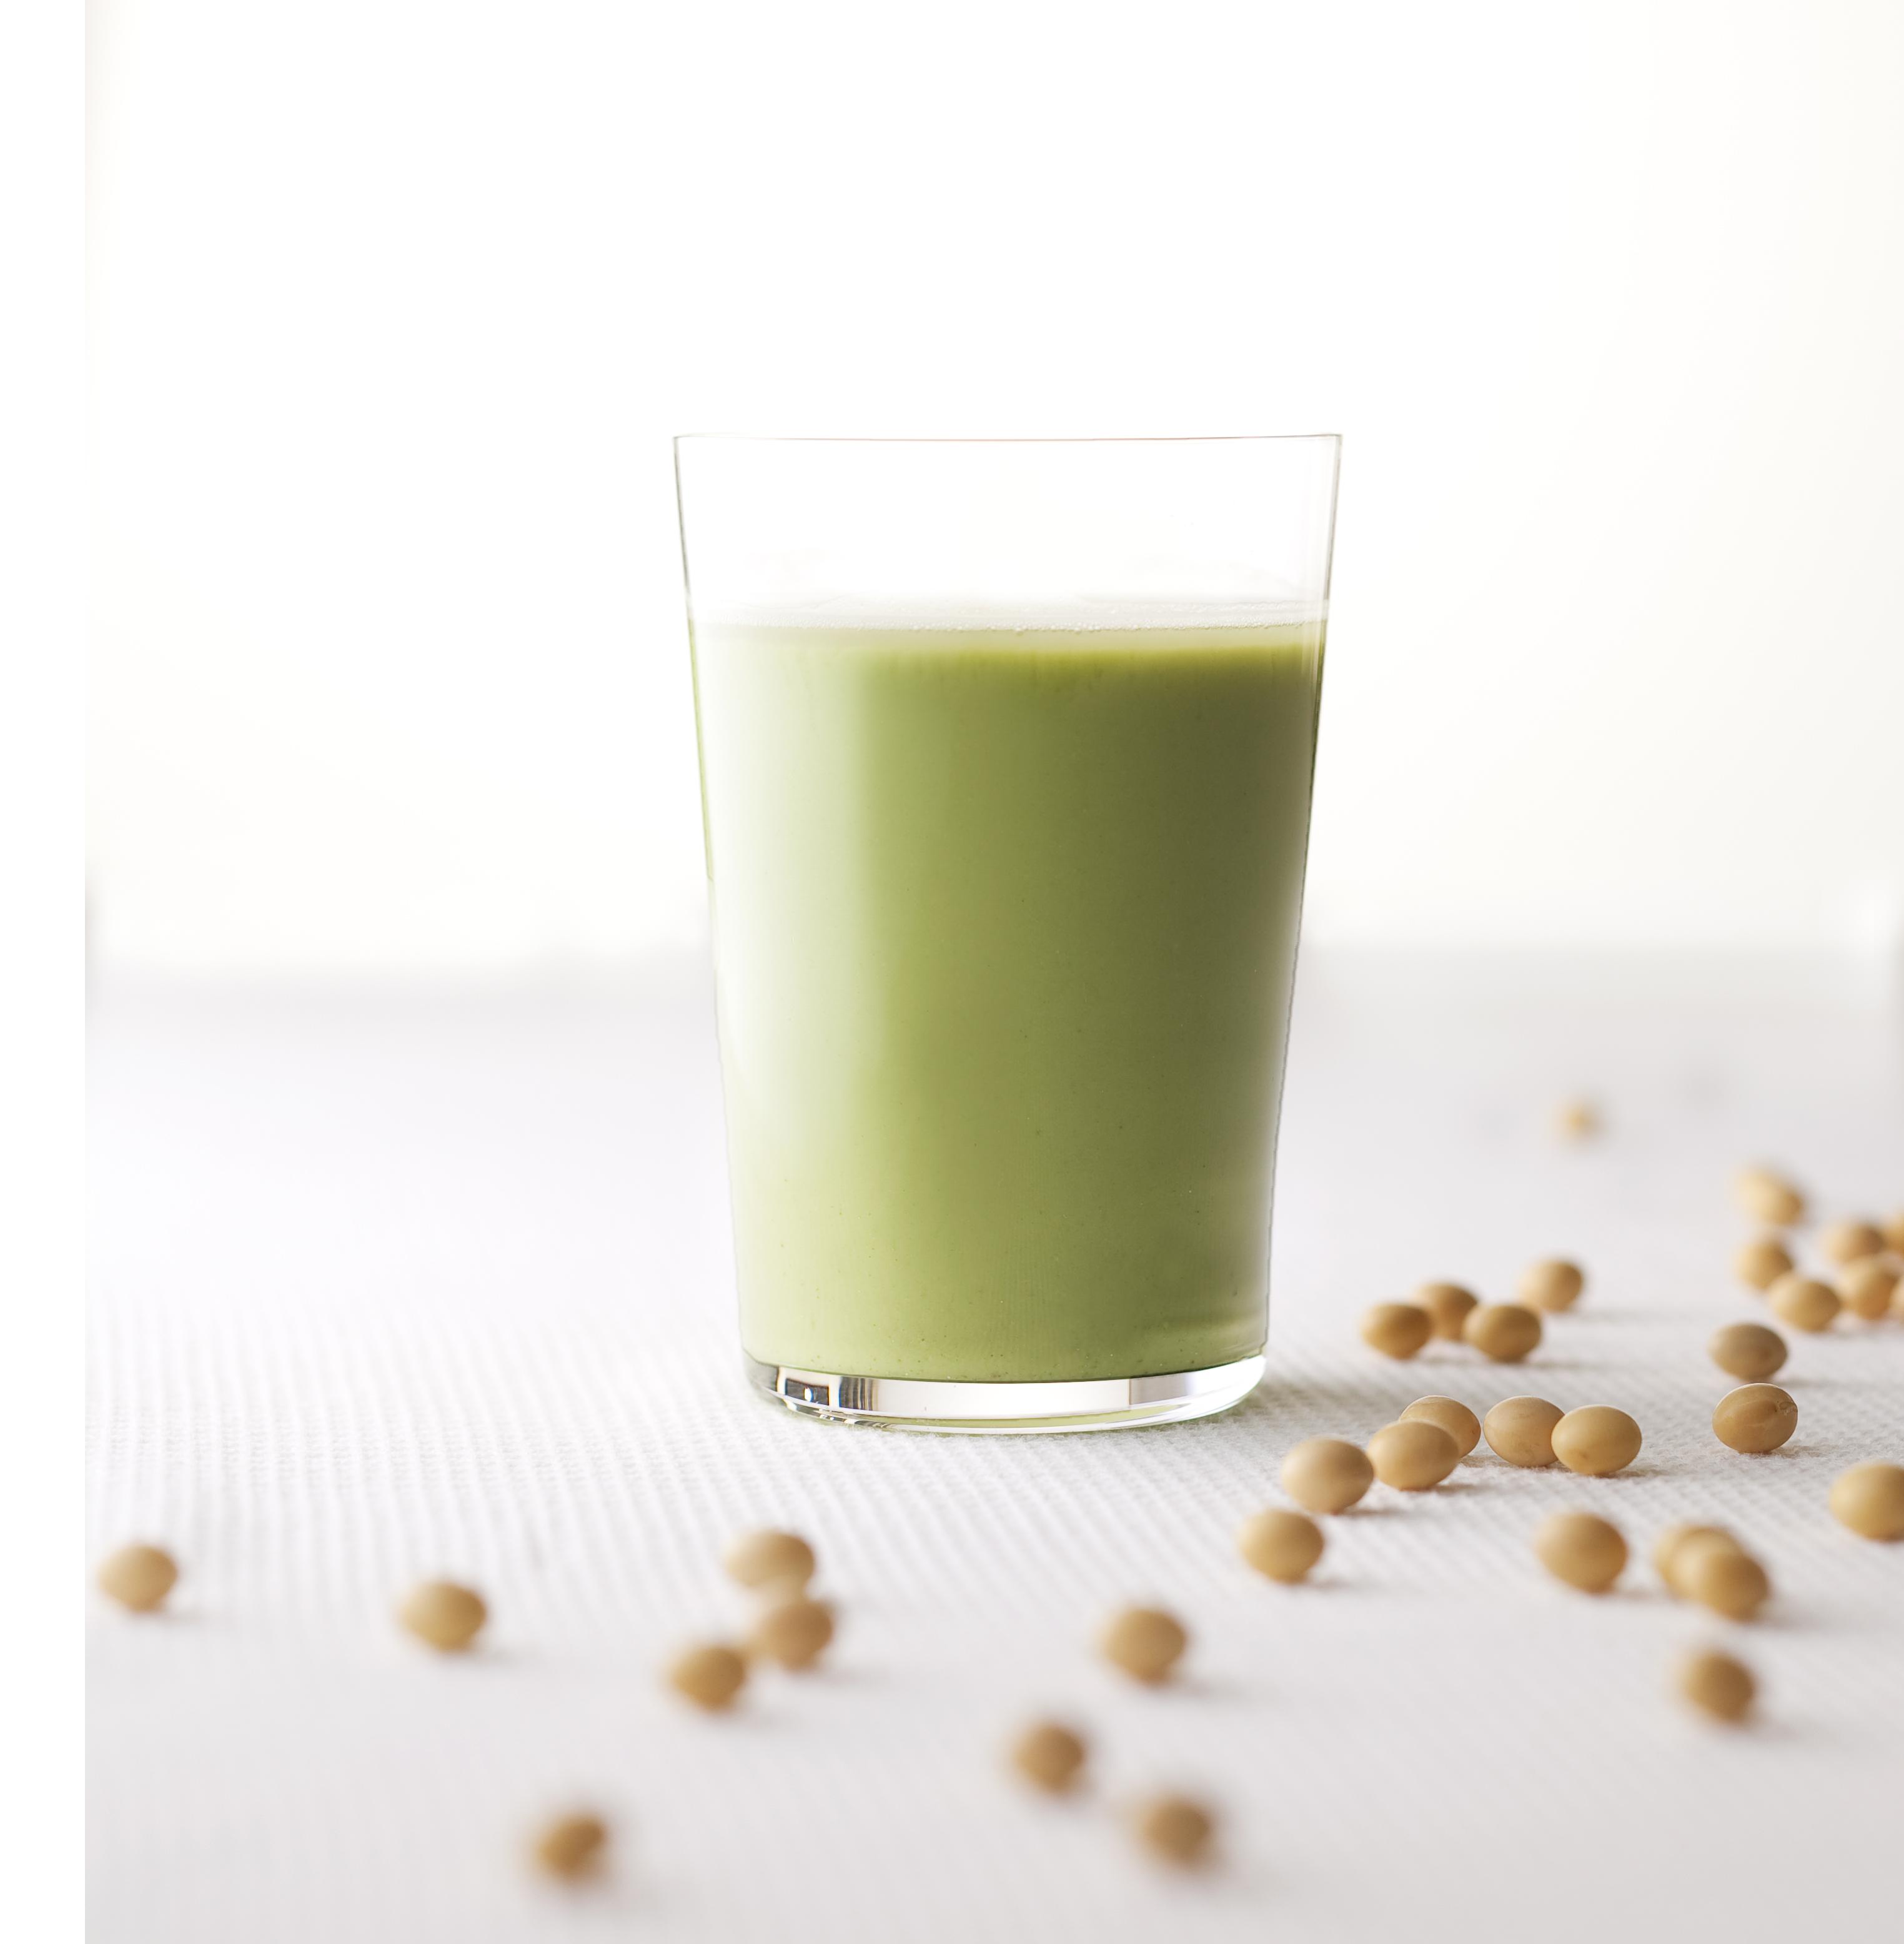 国産原料100%にこだわったヘルシー青汁 『豆乳源 青汁』 を大幅値下げ! ~ 業界最安値※、1袋当たり66円でさらにお求めやすく ~